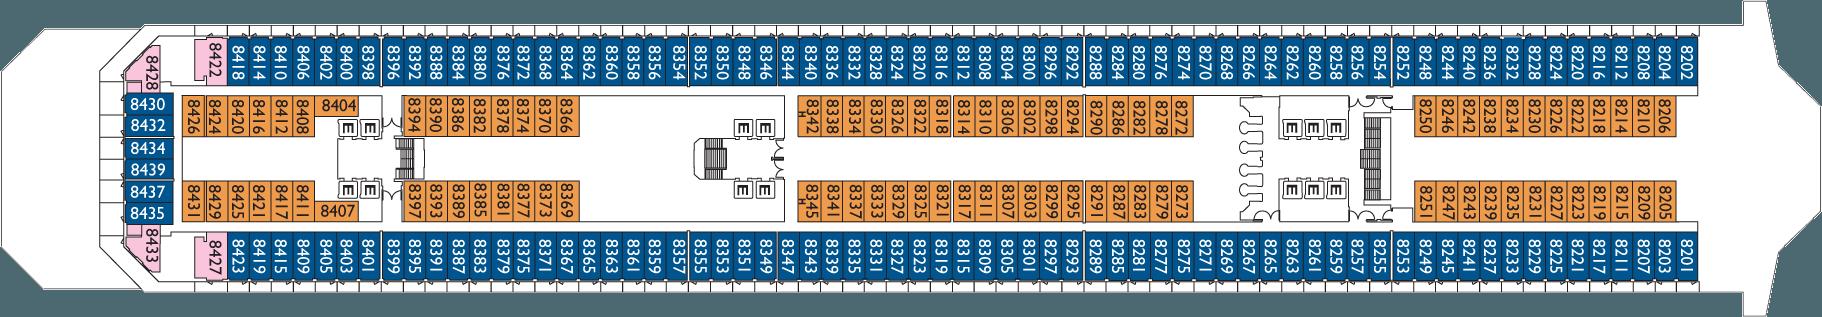 Deck 8 Veronese